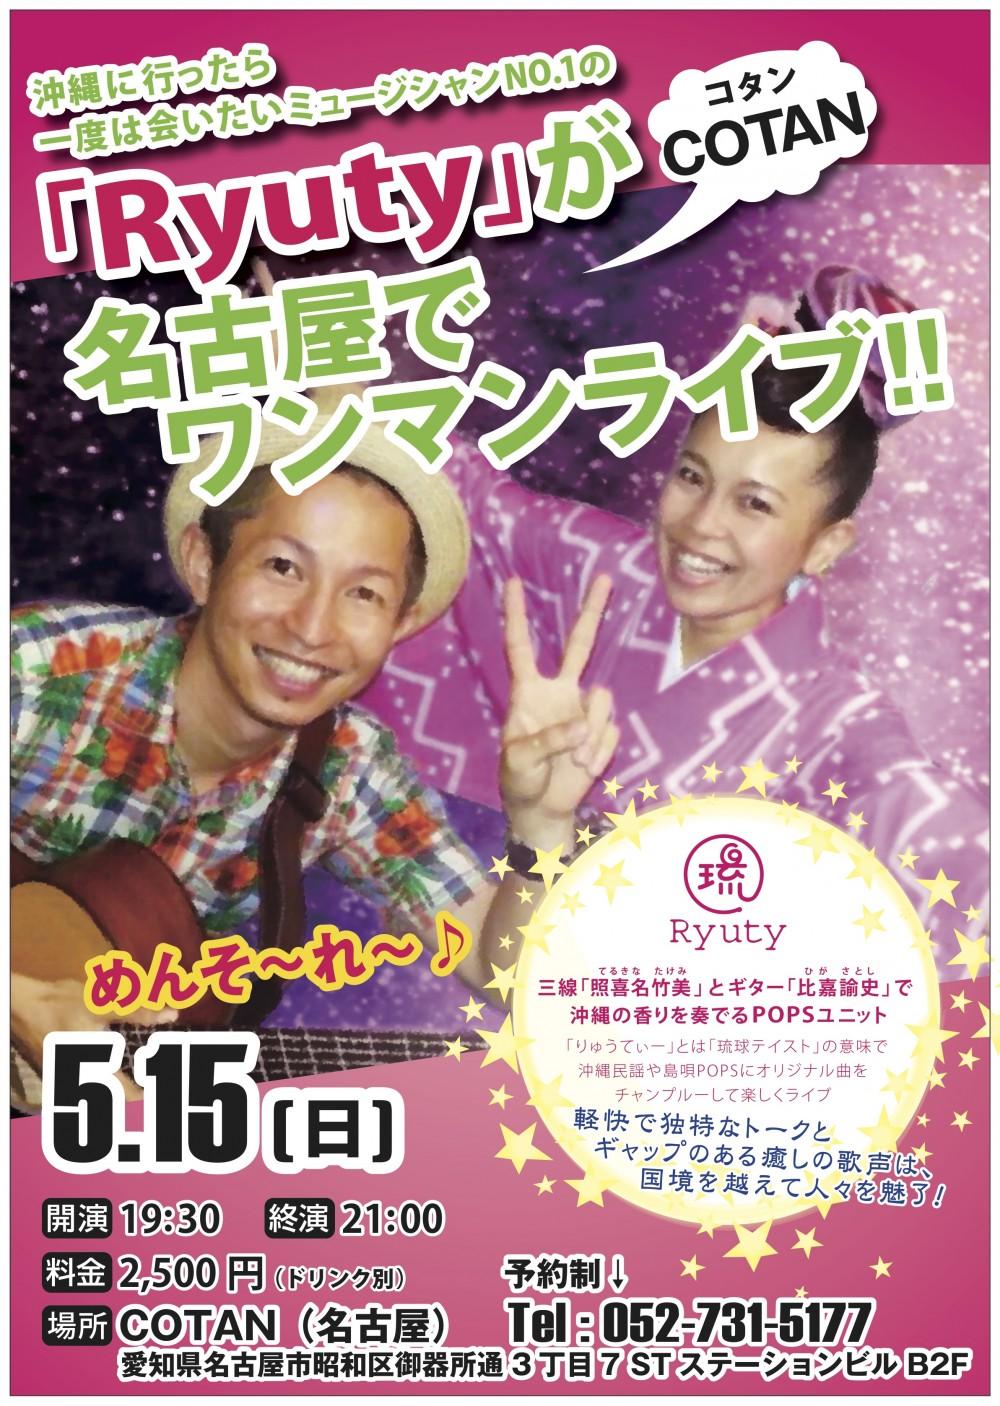 5/15 COTAN(名古屋)